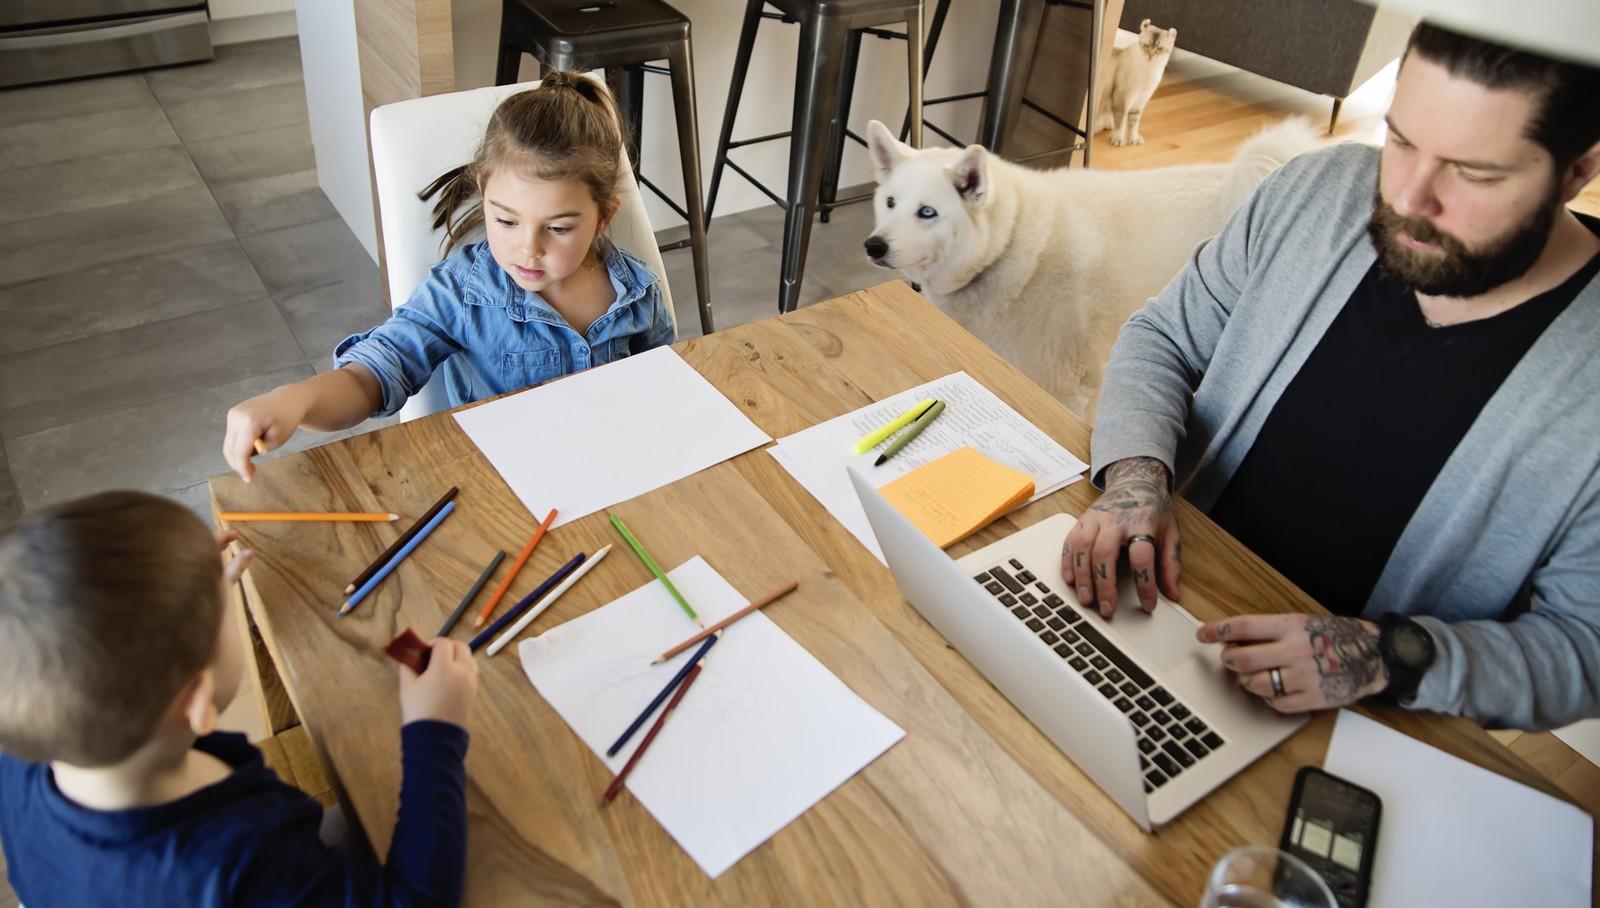 Um caminho sem volta Home office definitivo, Ensino à Distância e demais mudanças após a Crise